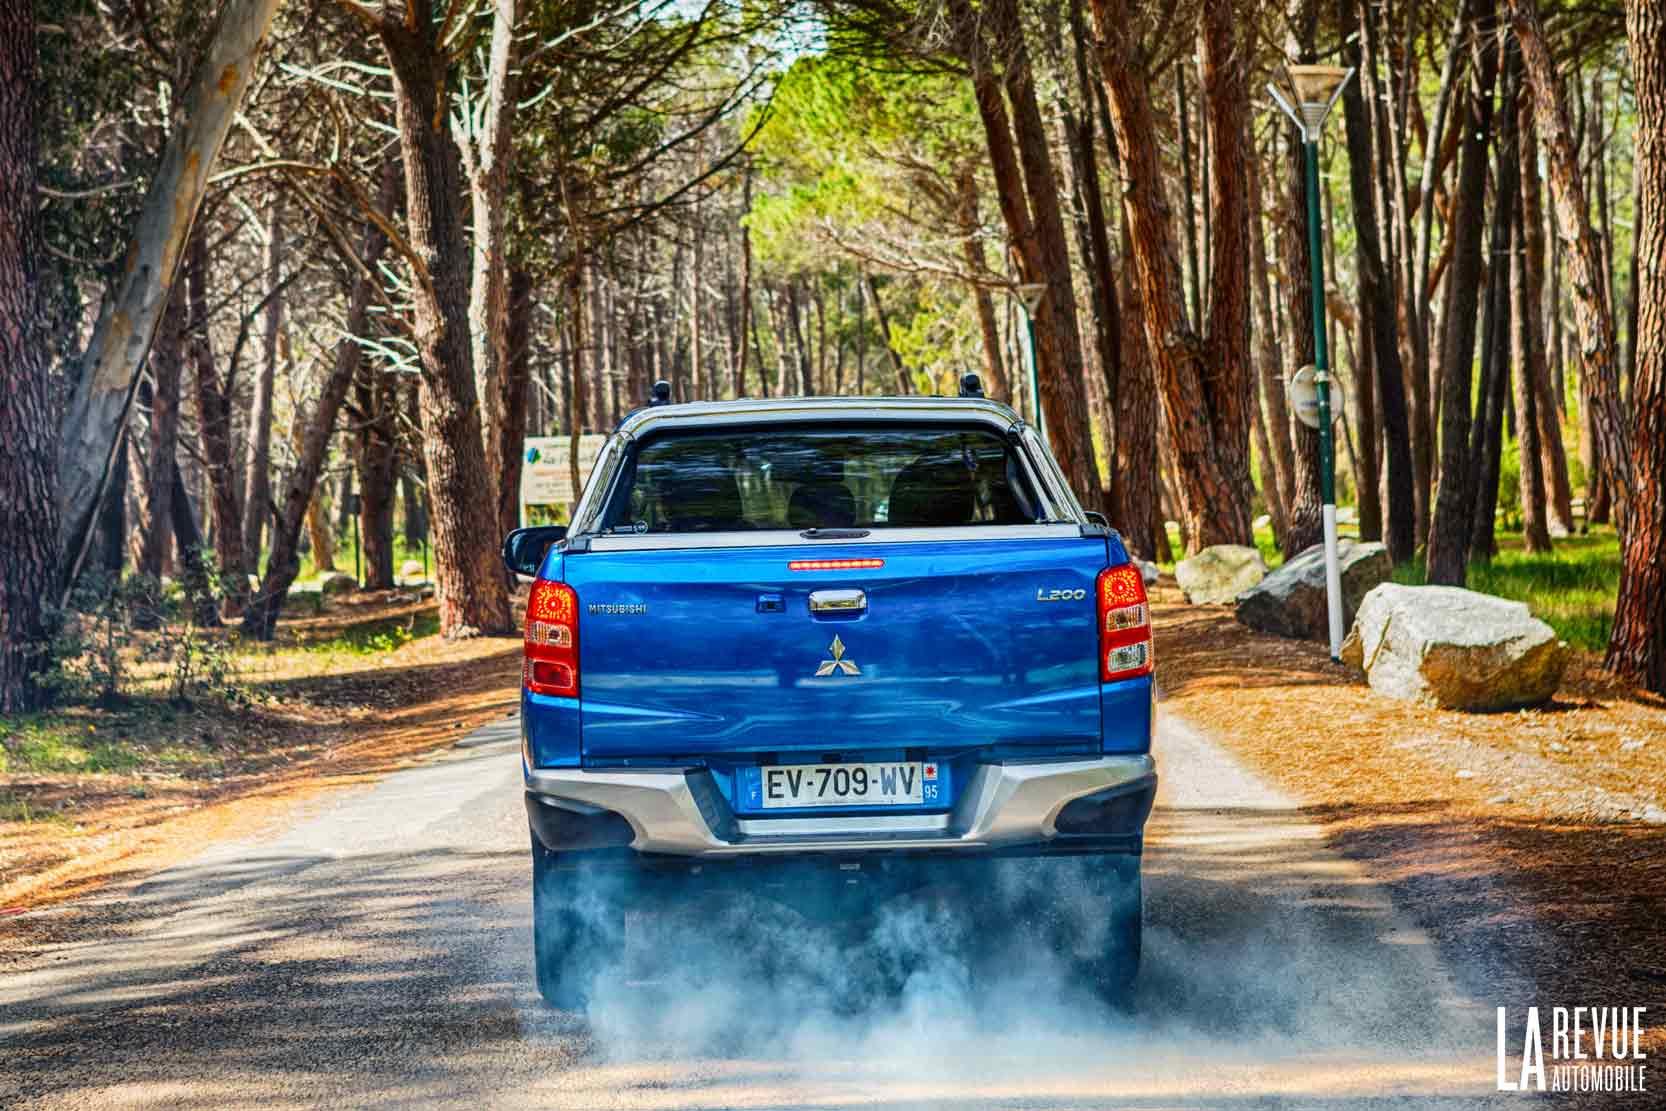 Essai du Pick Up Mitsubishi L200 sur route